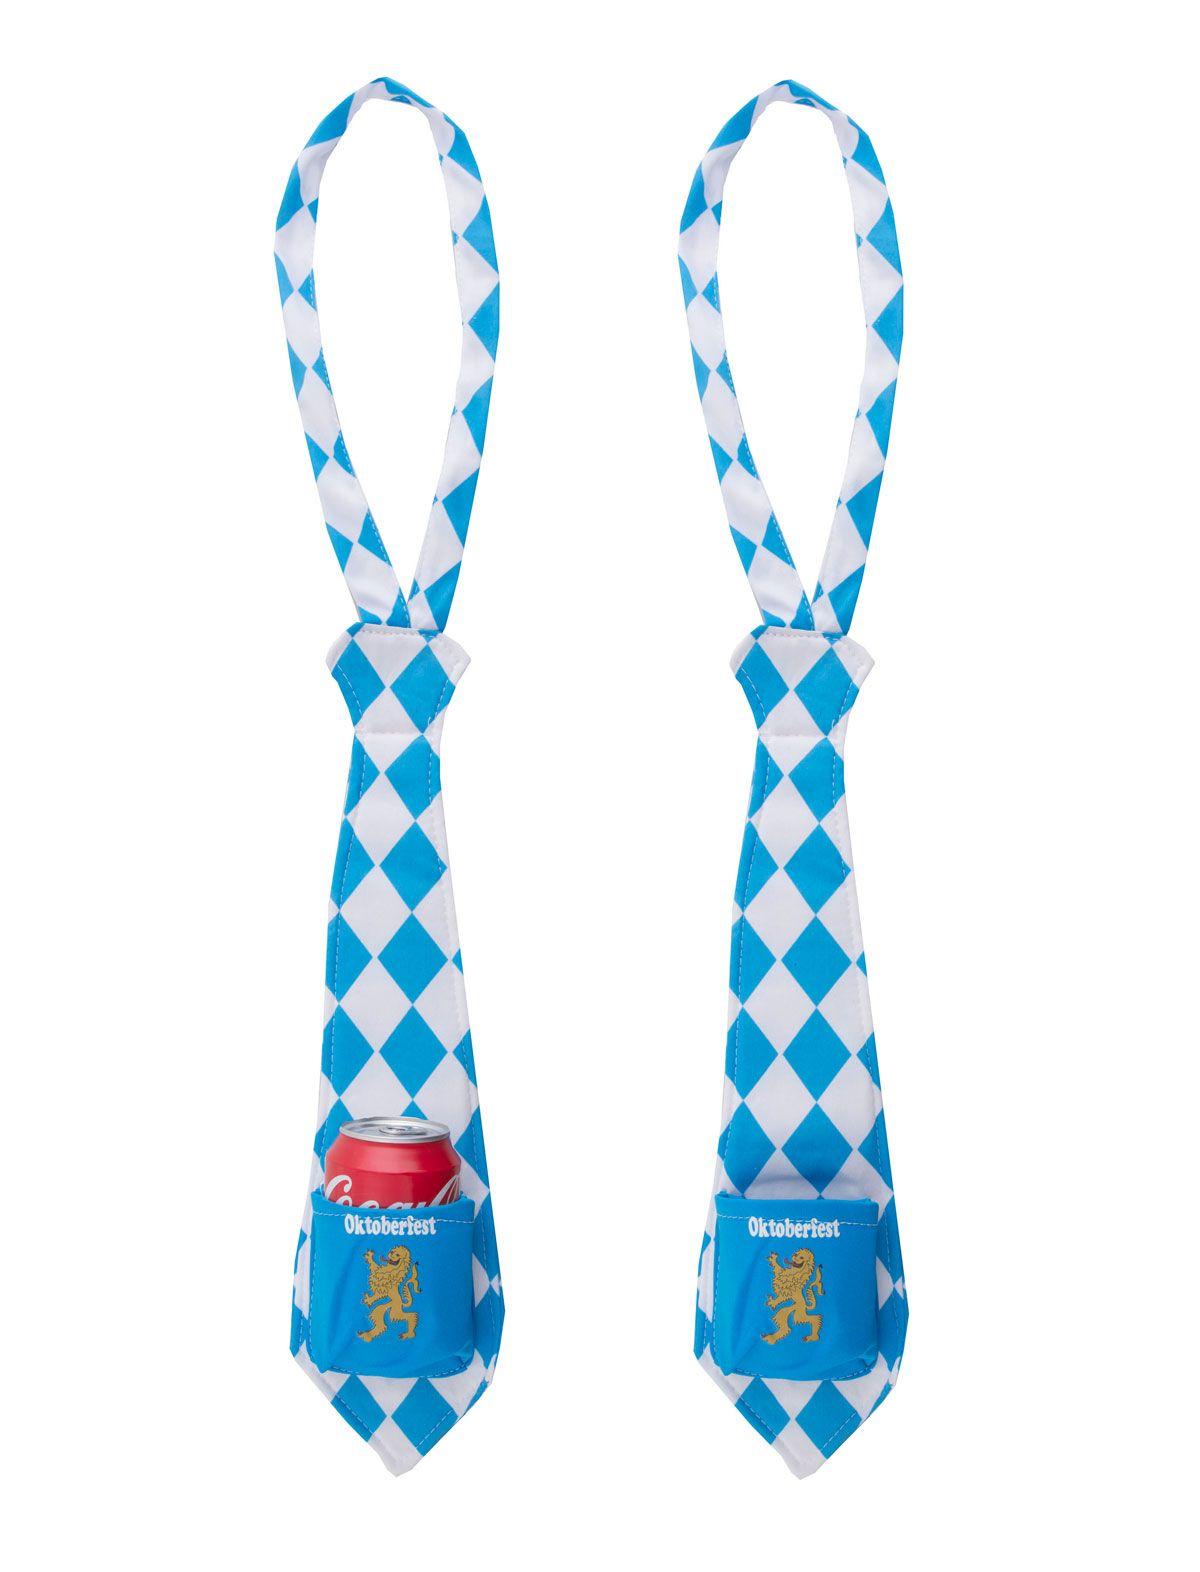 Oktoberfest Krawatte mit Dosenhalter